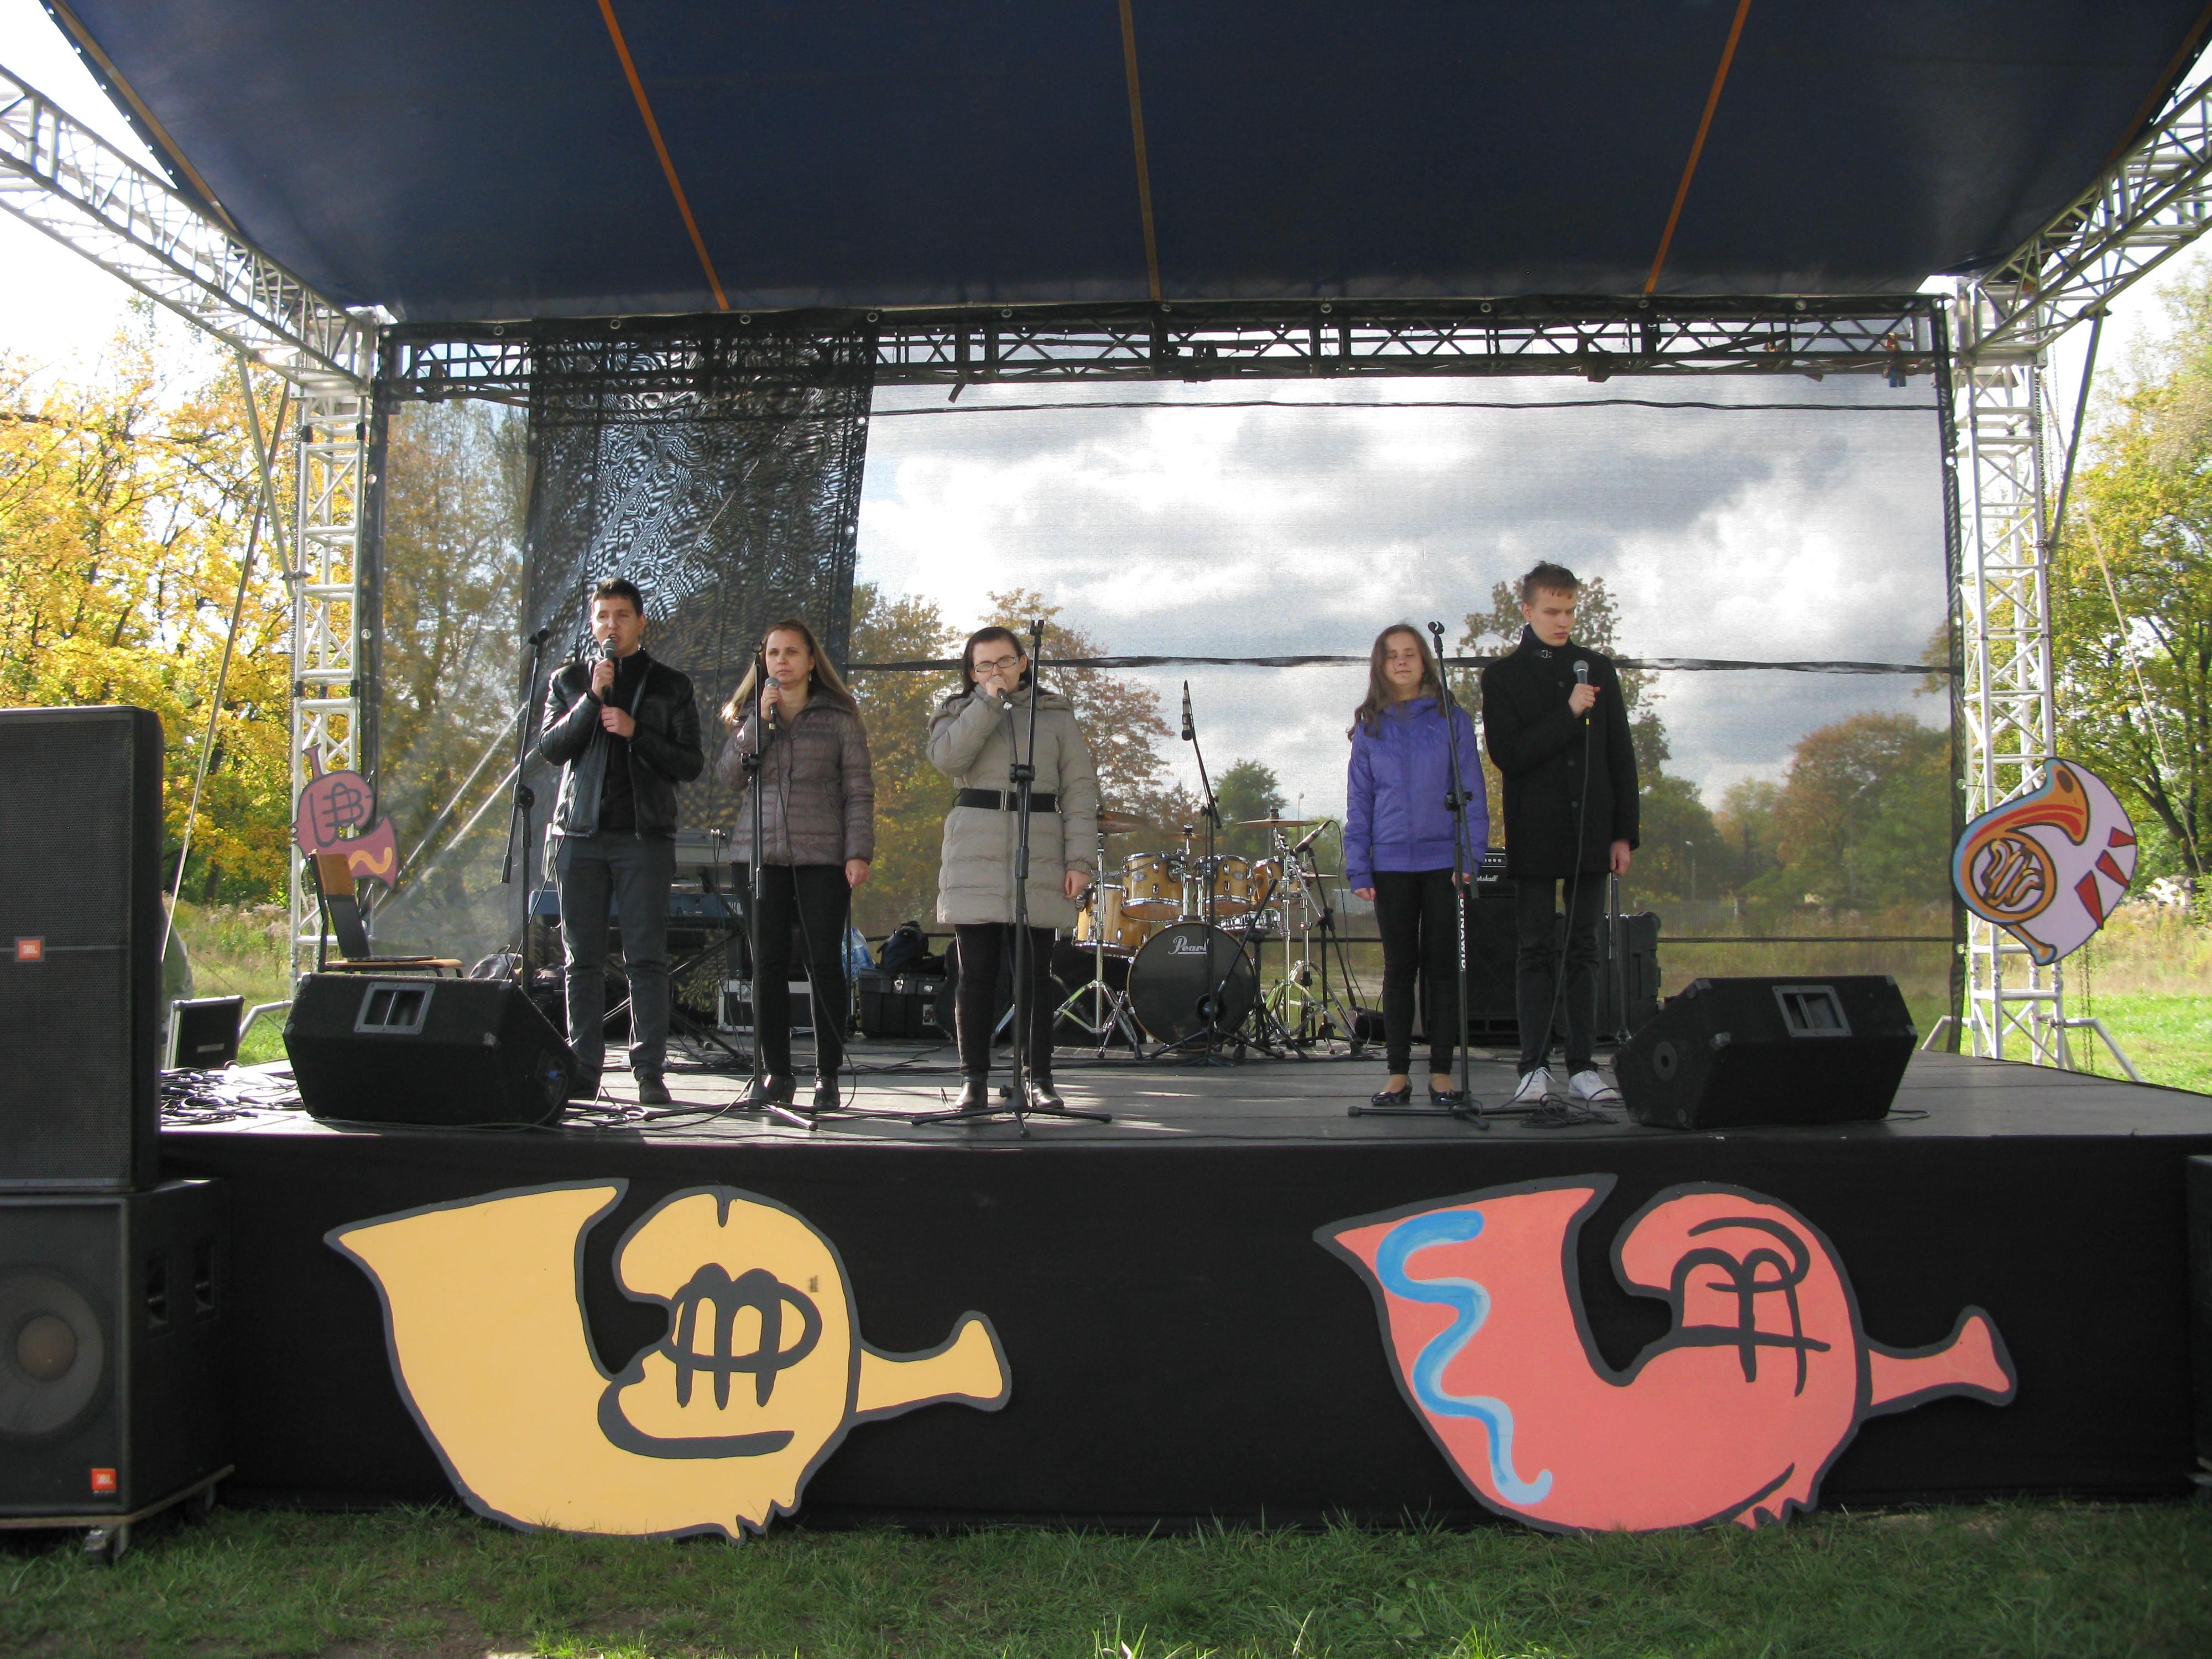 Na scenie stoi  5 osób. Trzy kobiety i dwóch mężczyzn. W dłoniach trzymają mikrofony.